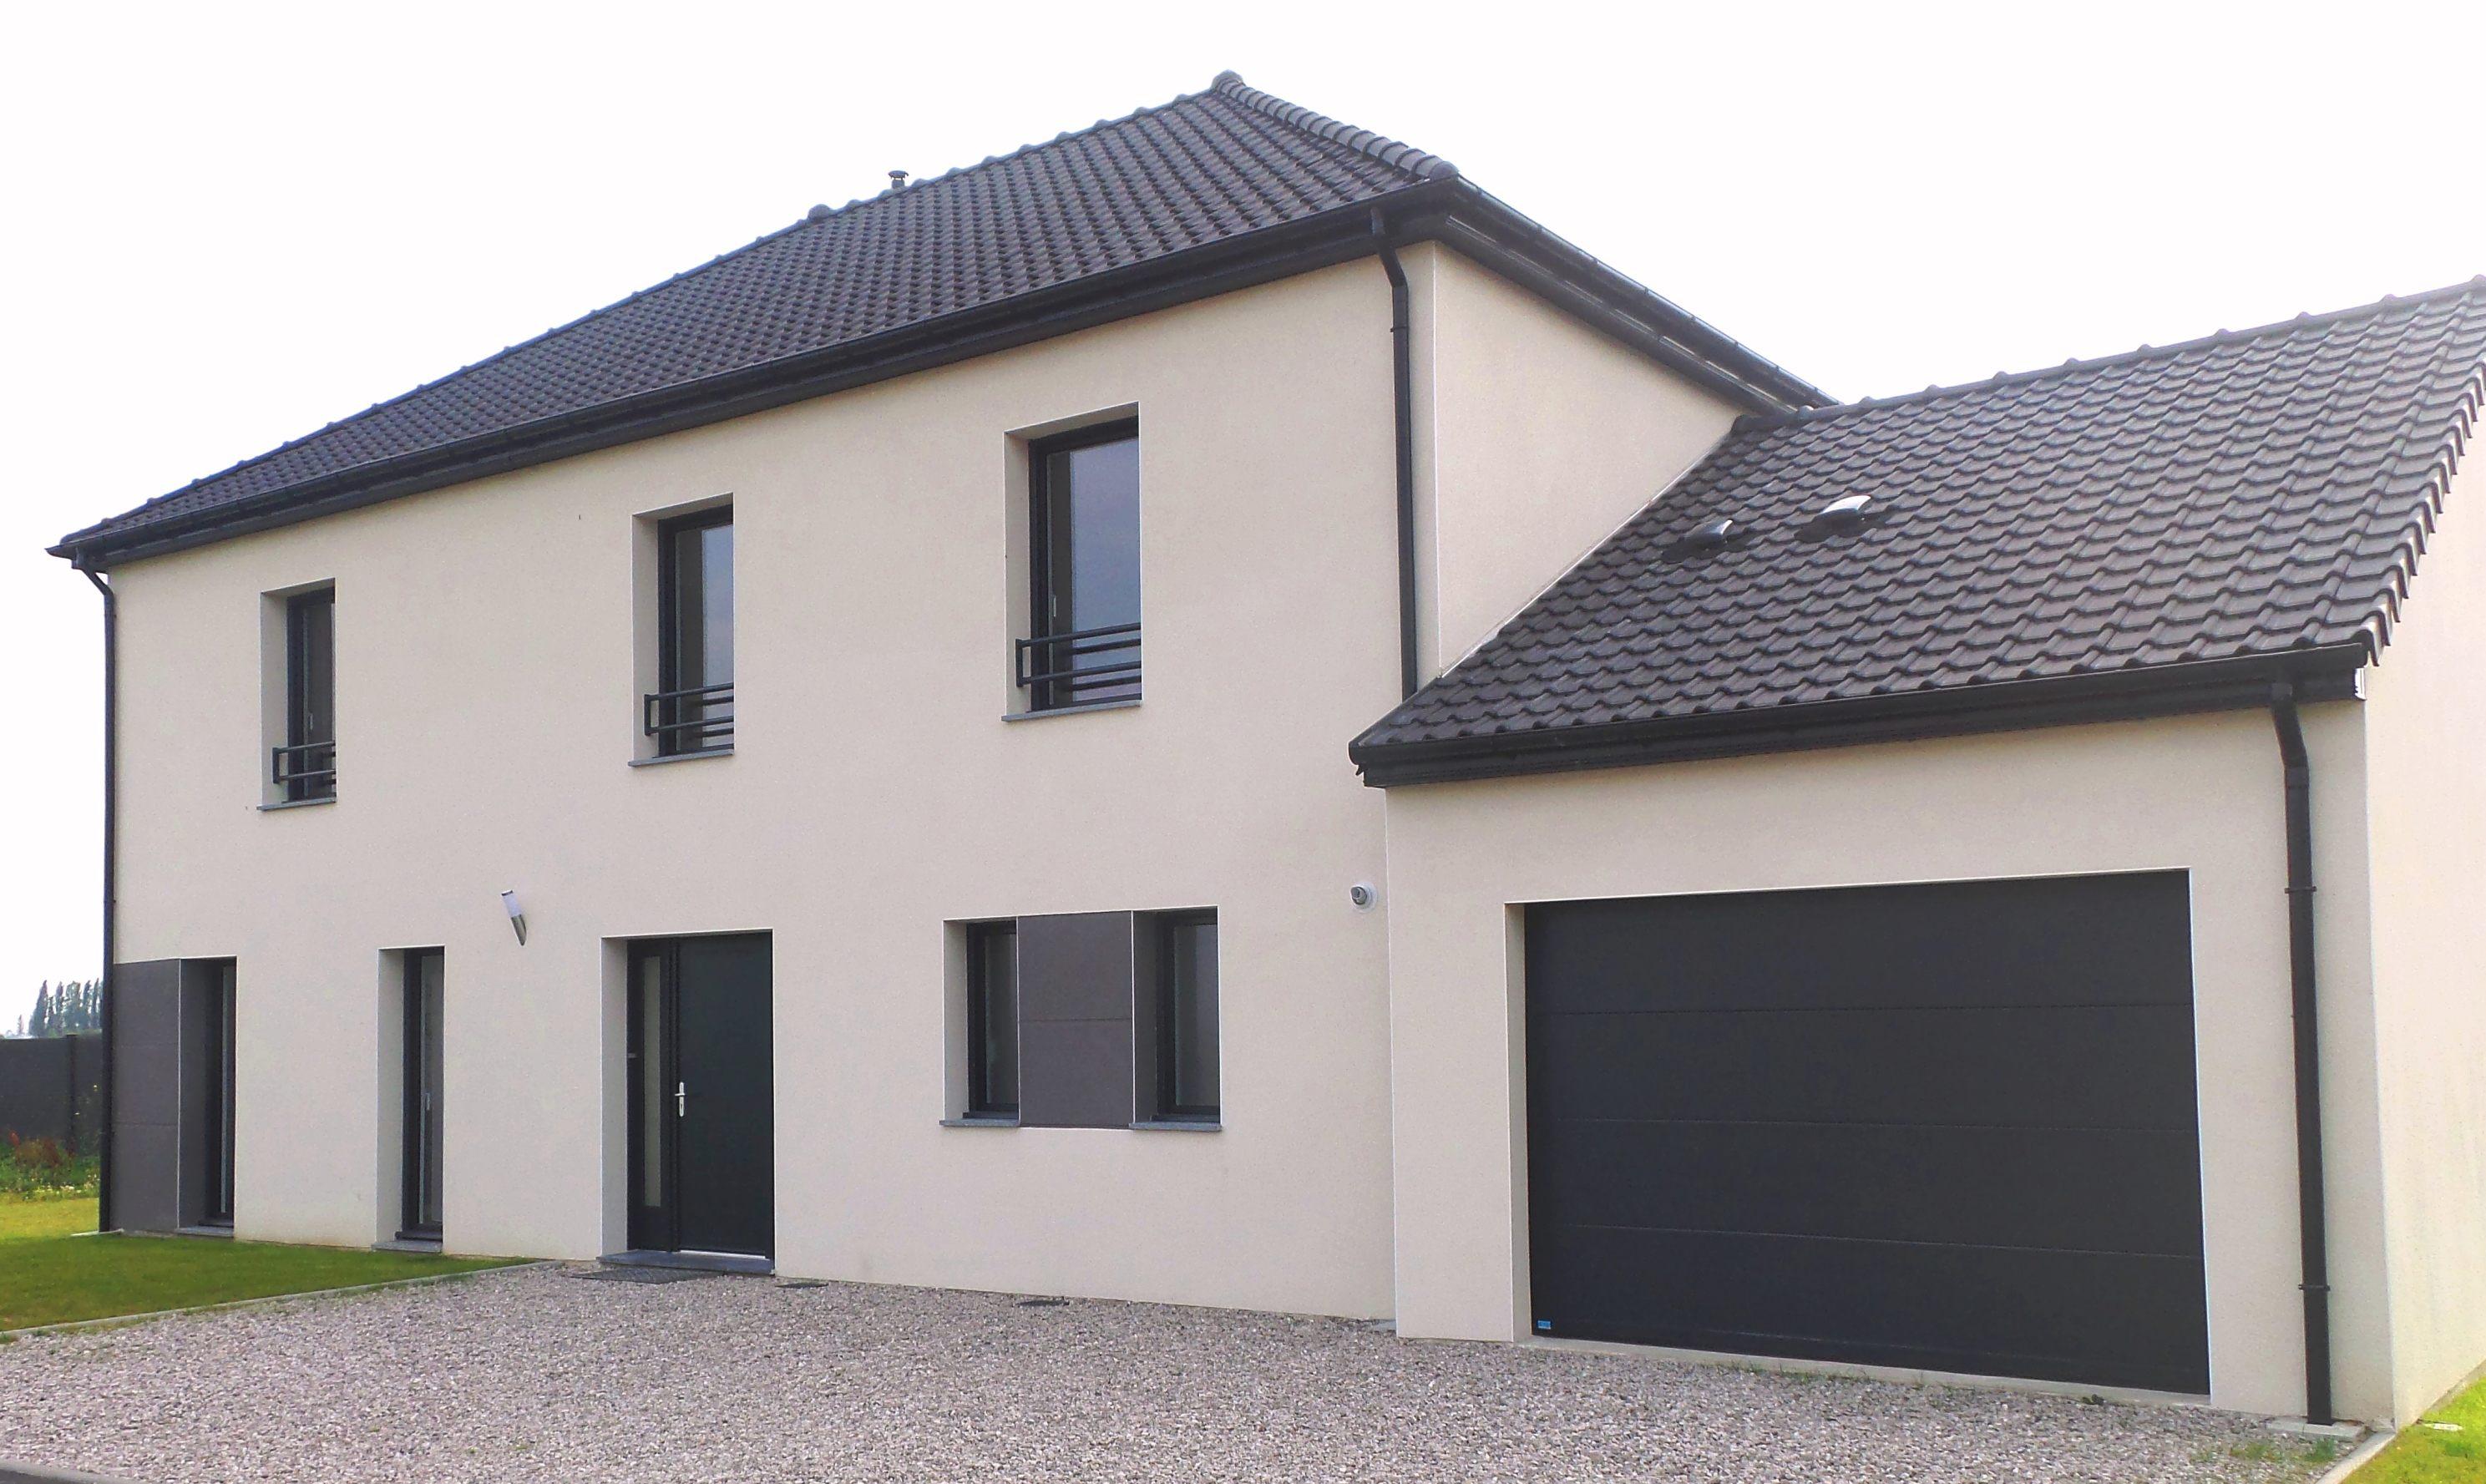 Maisons + Terrains du constructeur MAISON FAMILIALE MAREUIL LES MEAUX • 140 m² • OZOUER LE VOULGIS